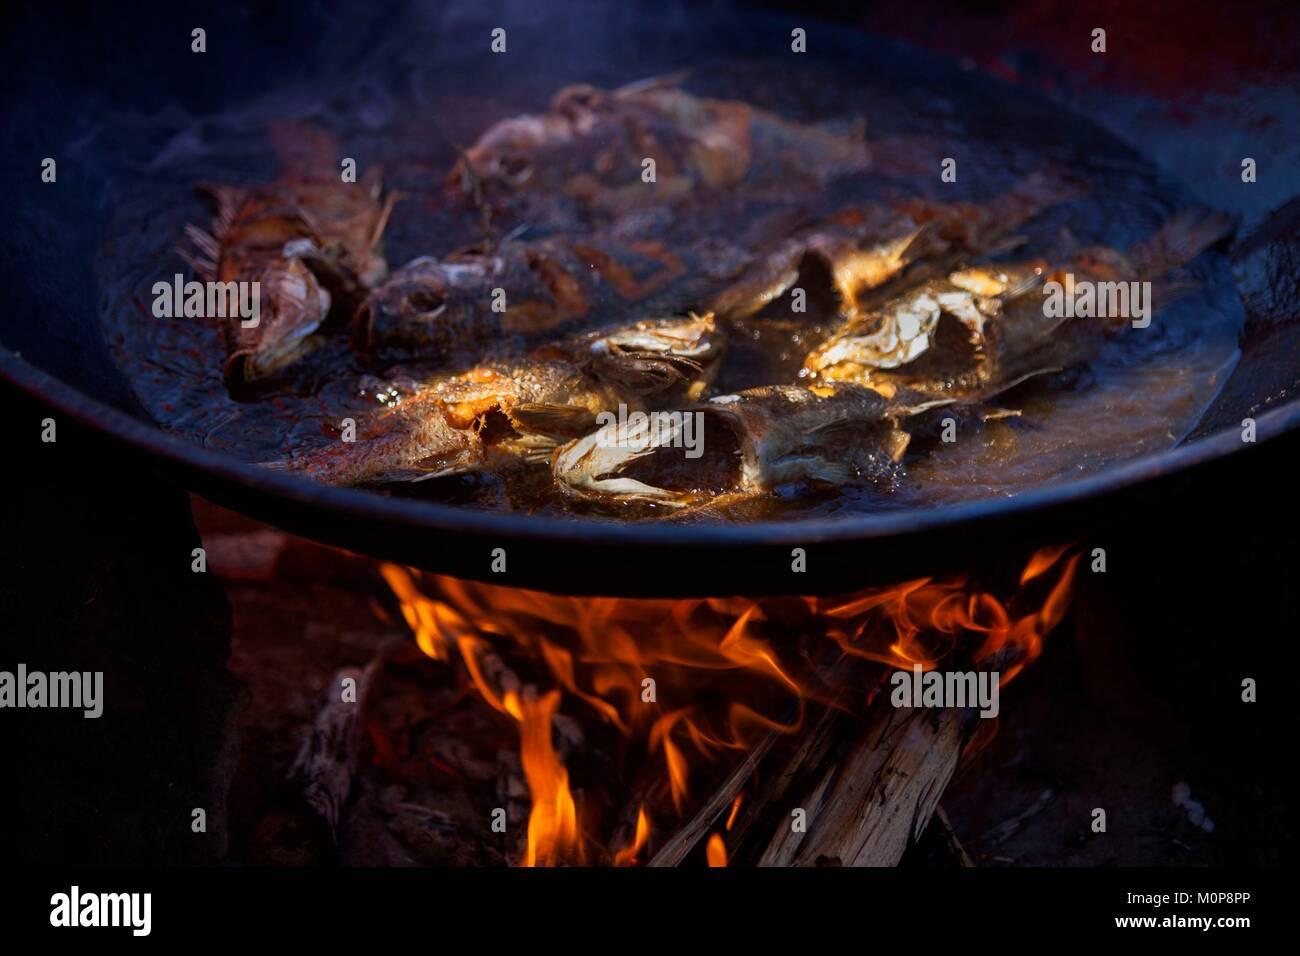 Tilapias stock photos tilapias stock images alamy for Good fried fish near me